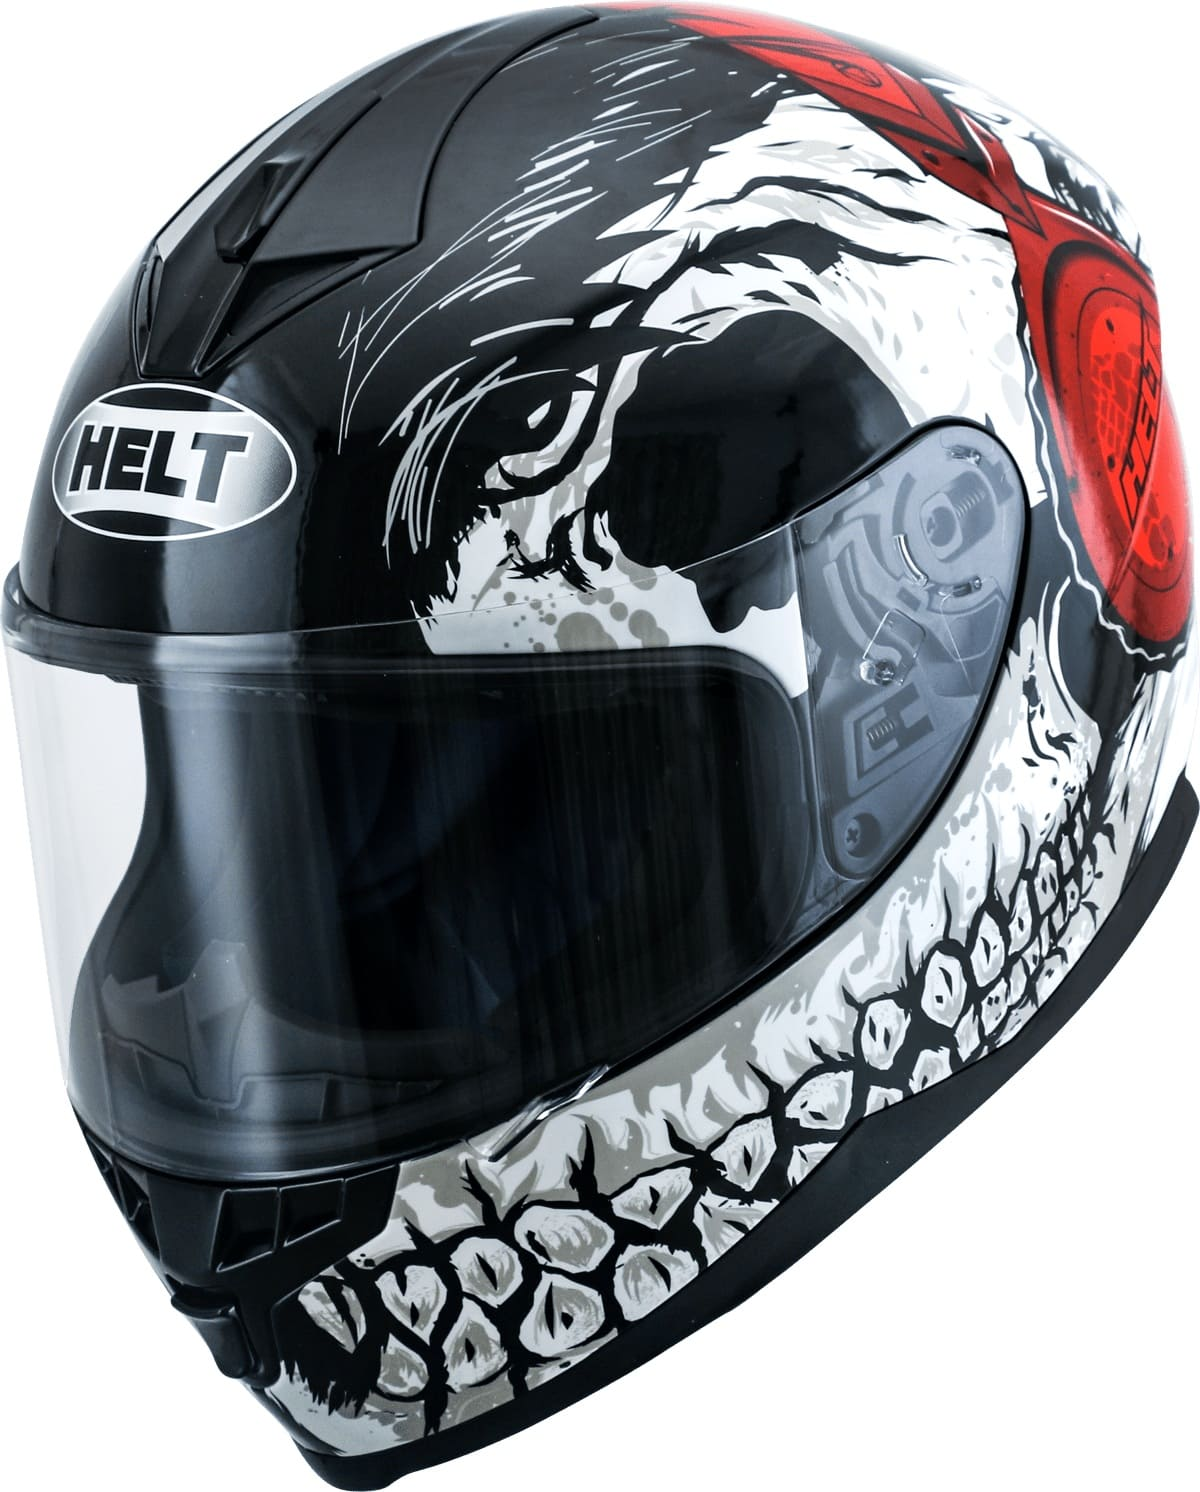 Capacete Helt 967 New Race DJ Skull Vermelho/Branco